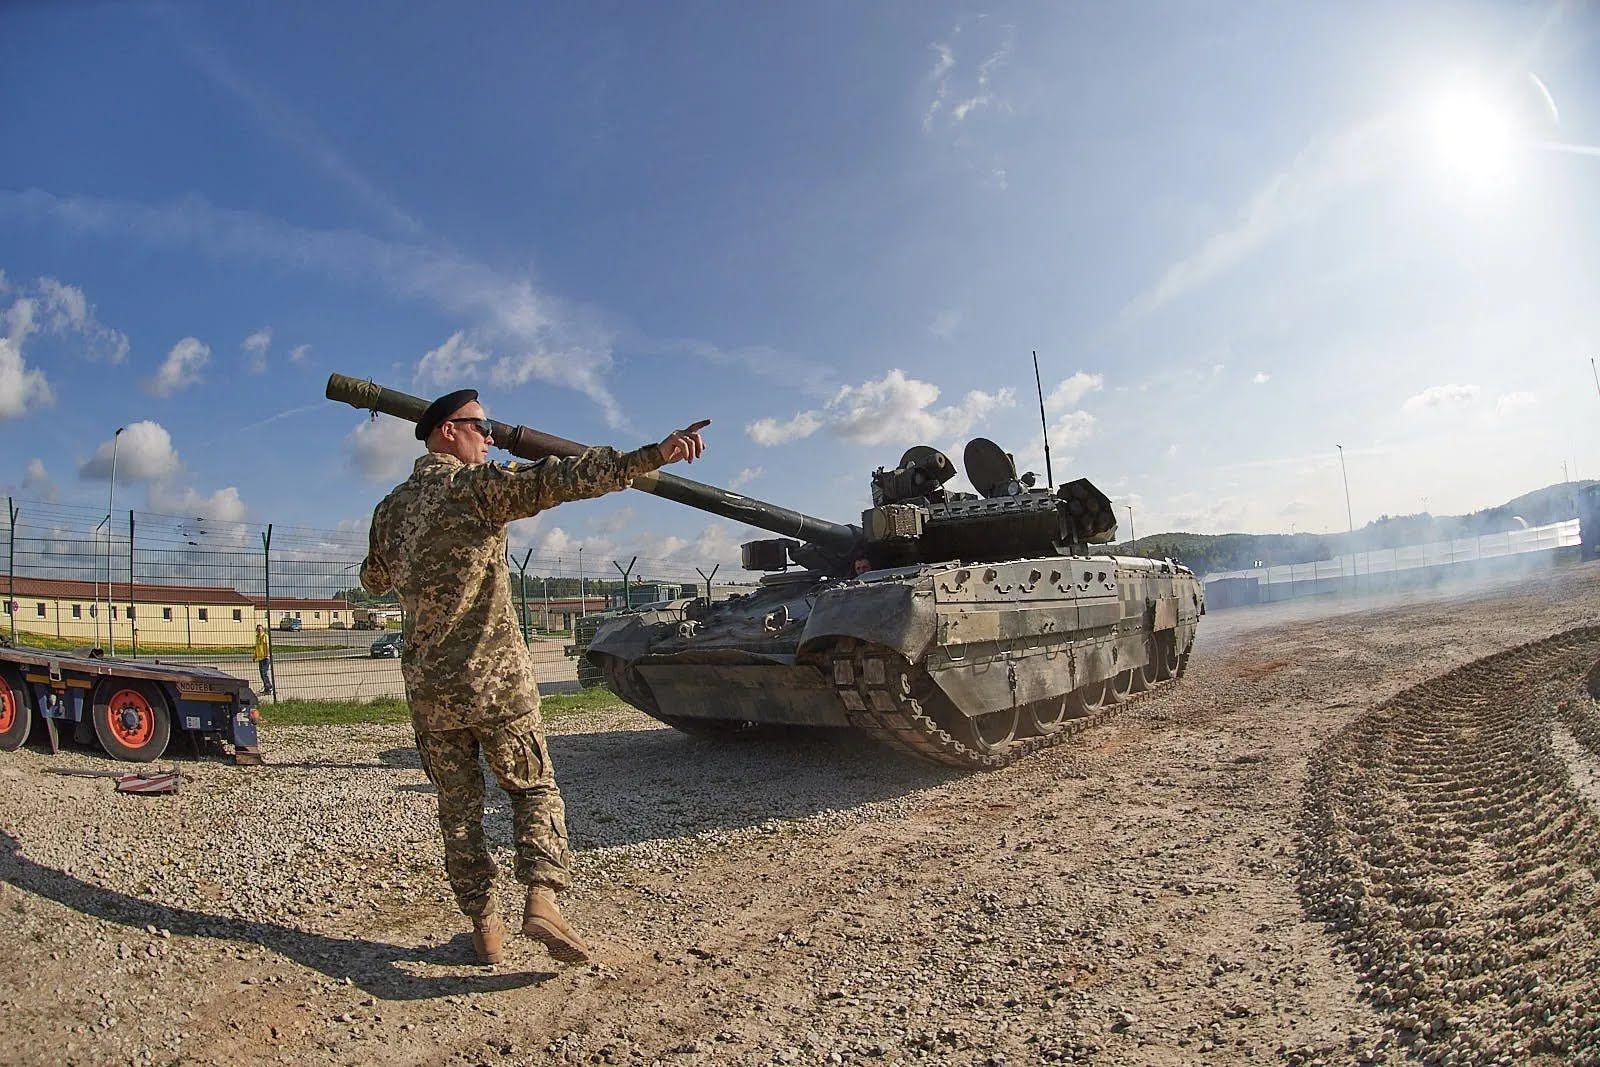 Украинская армия имеет потенциал отбить Донбасс военным путем, считает генерал Михаил Забродский